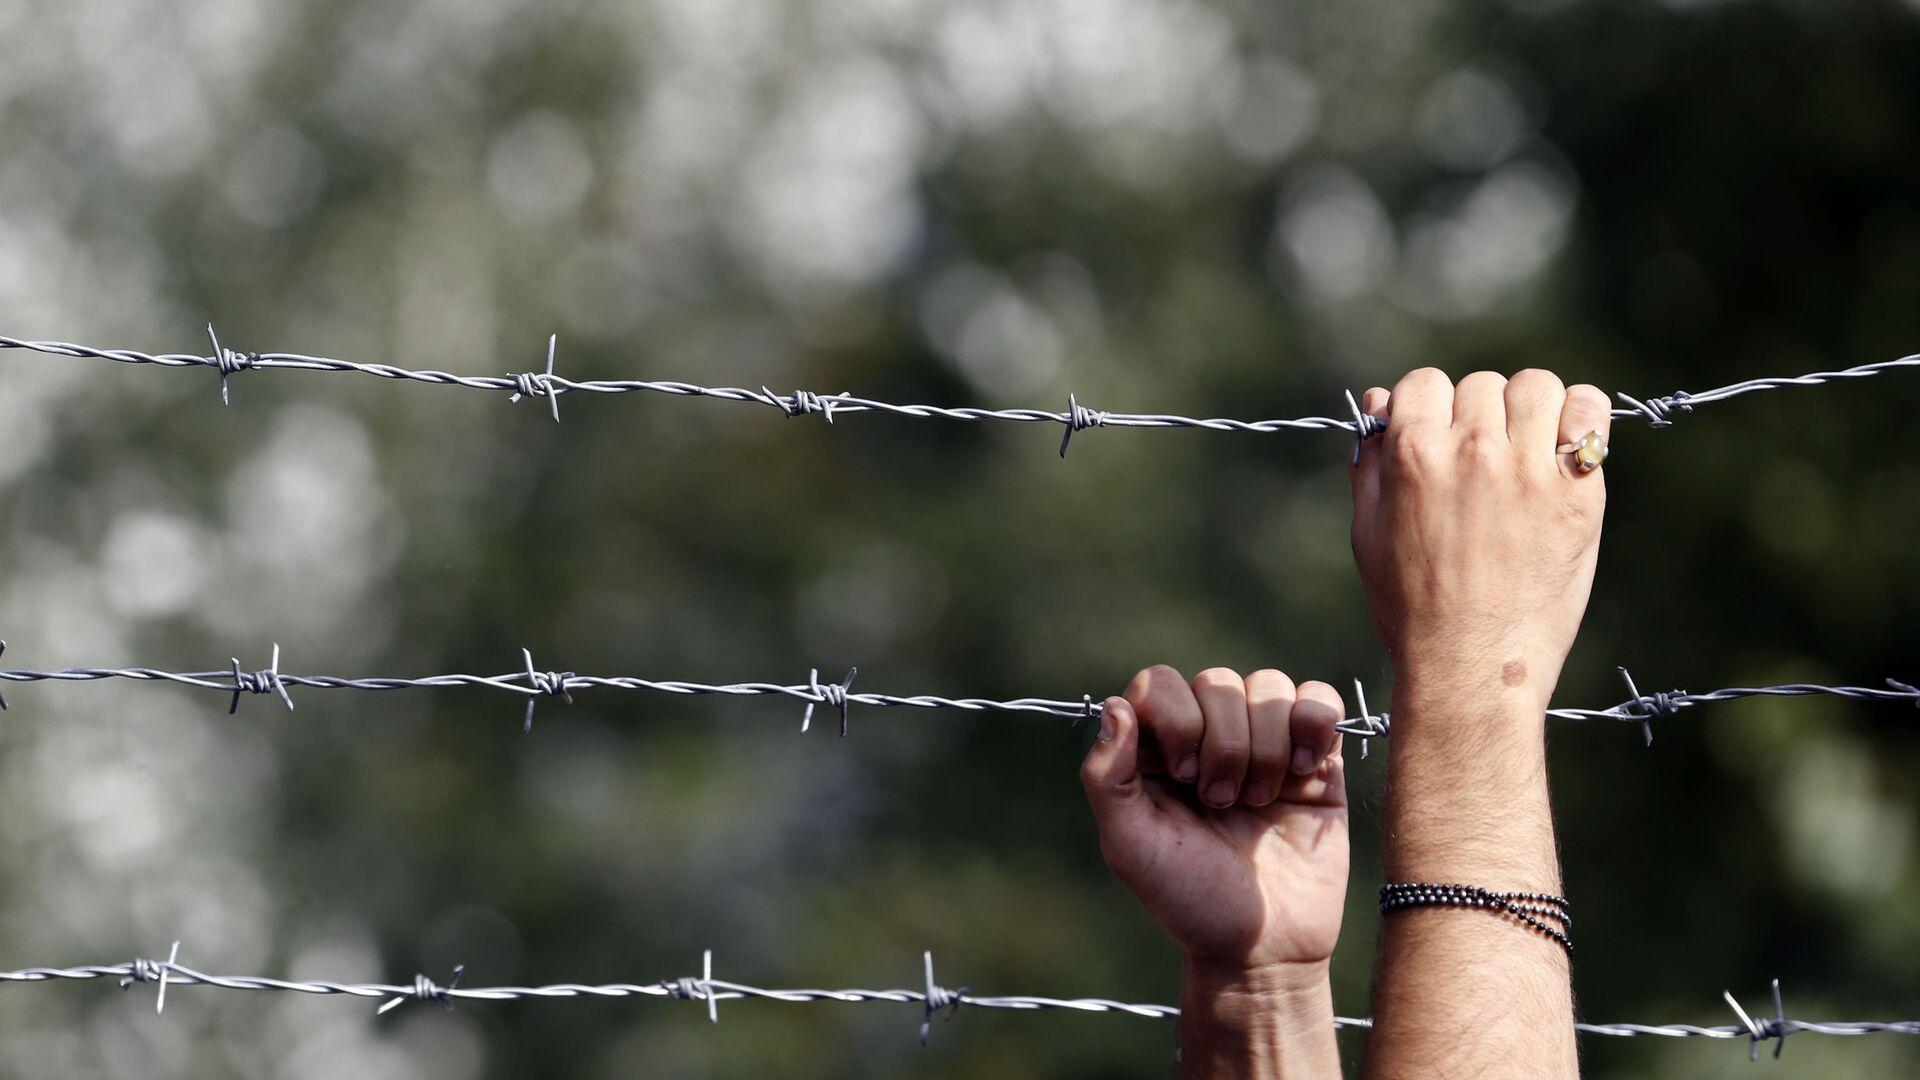 Ogrodzenie z drutu kolczastego na węgierskiej granicy - Sputnik Polska, 1920, 07.08.2021